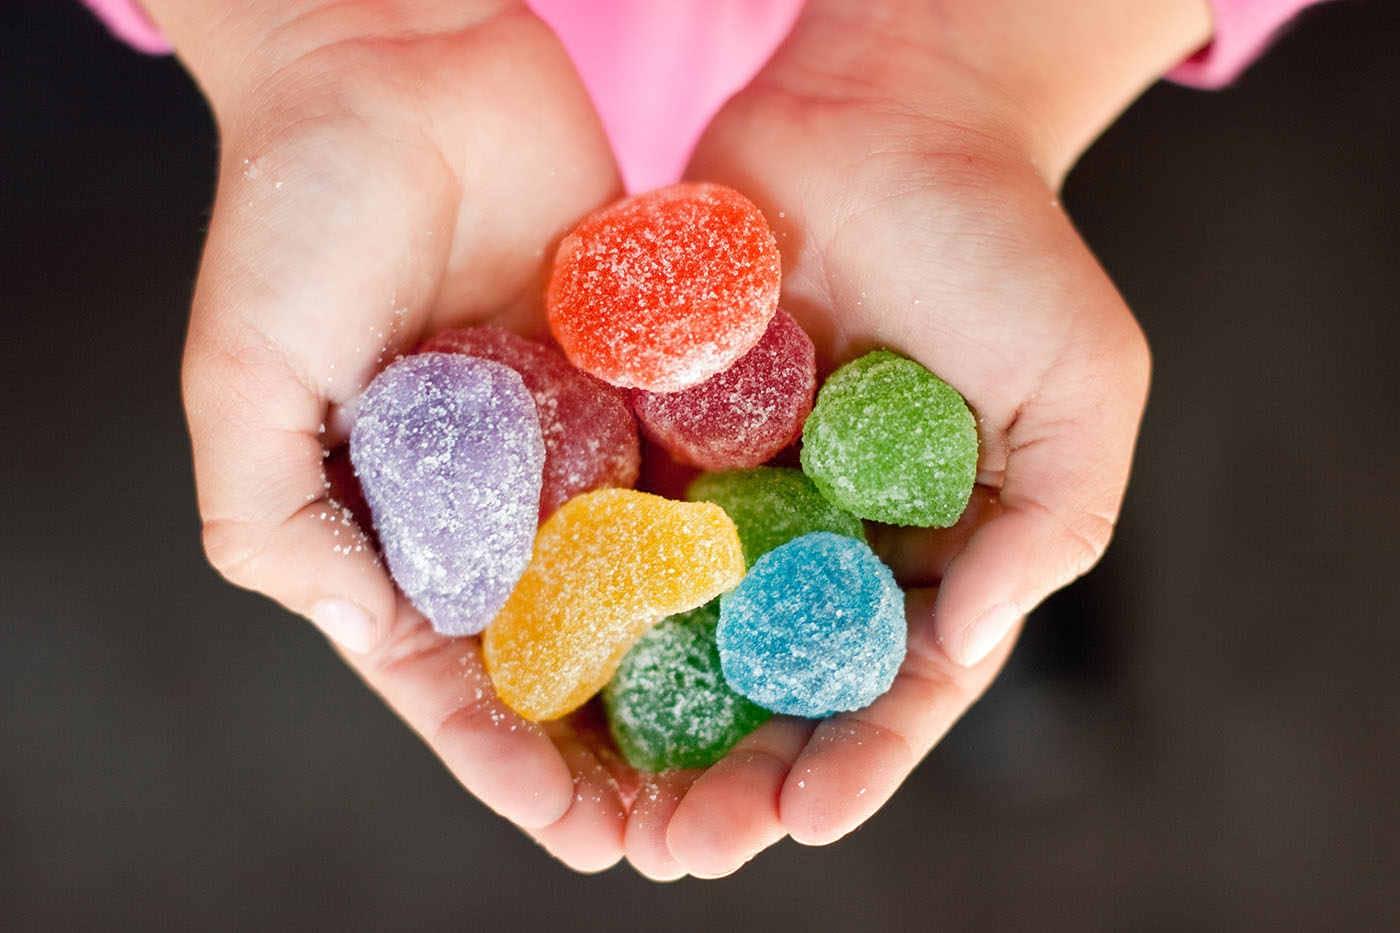 Consumul de zahăr în copilărie poate afecta dezvoltarea creierului [studiu]